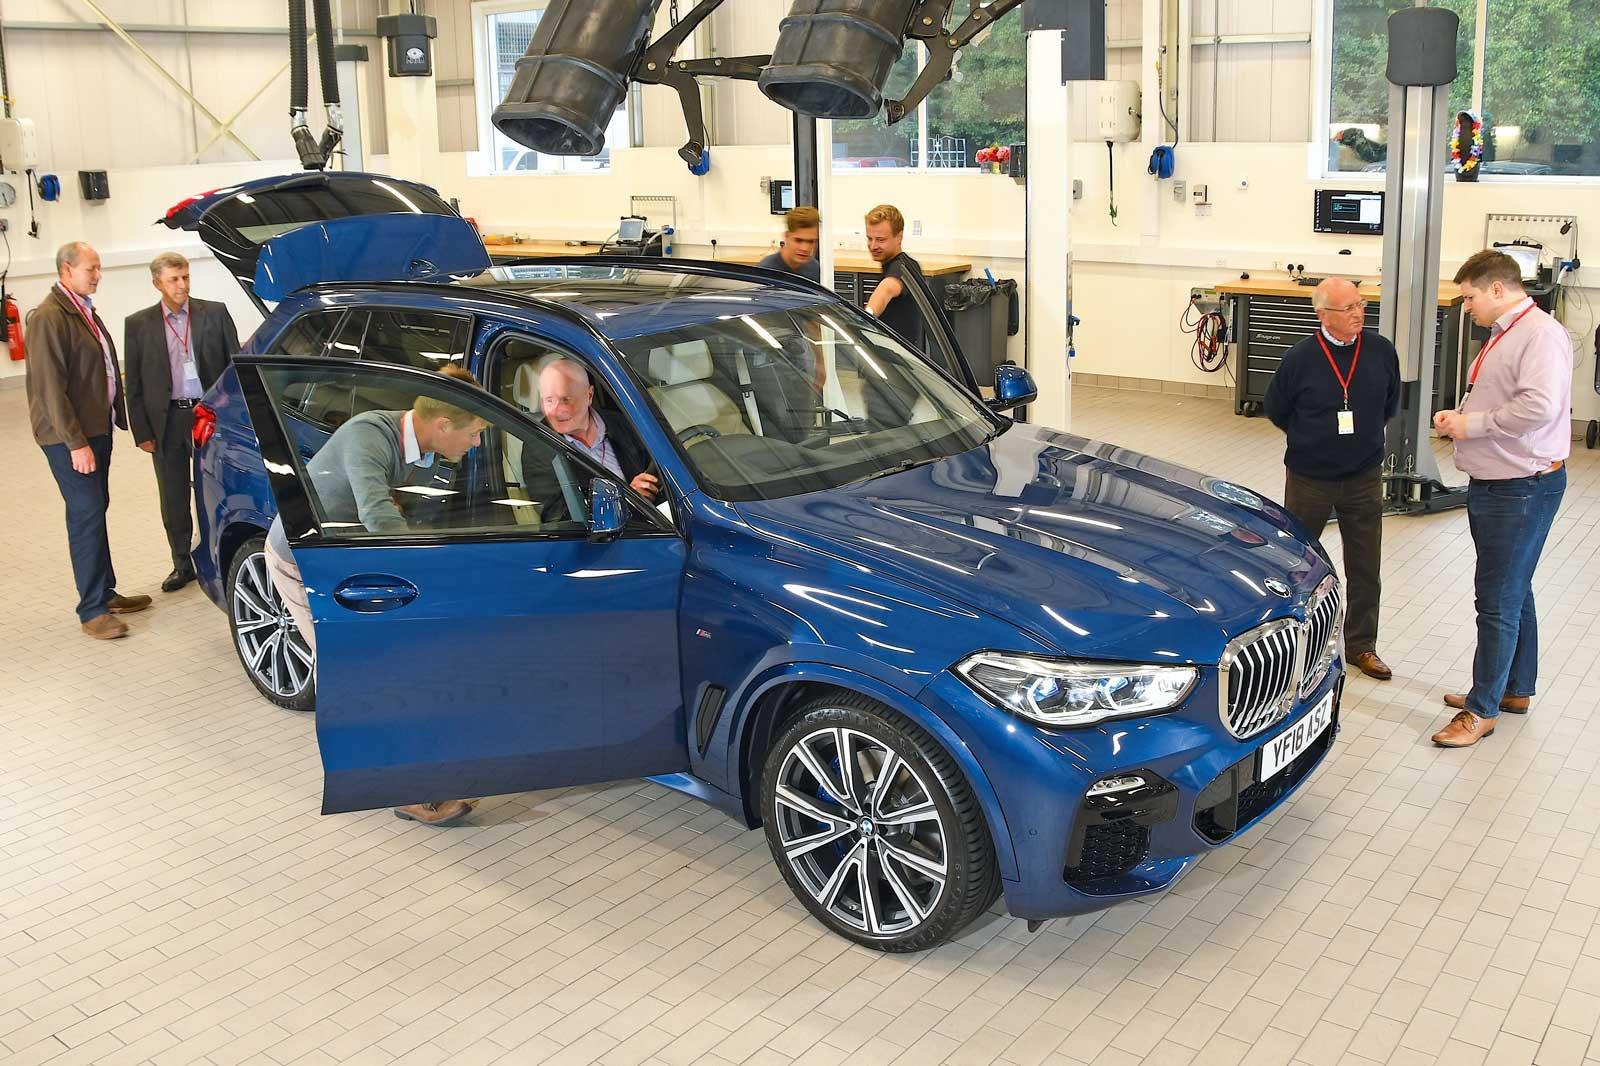 2018 BMW X5 reader test team